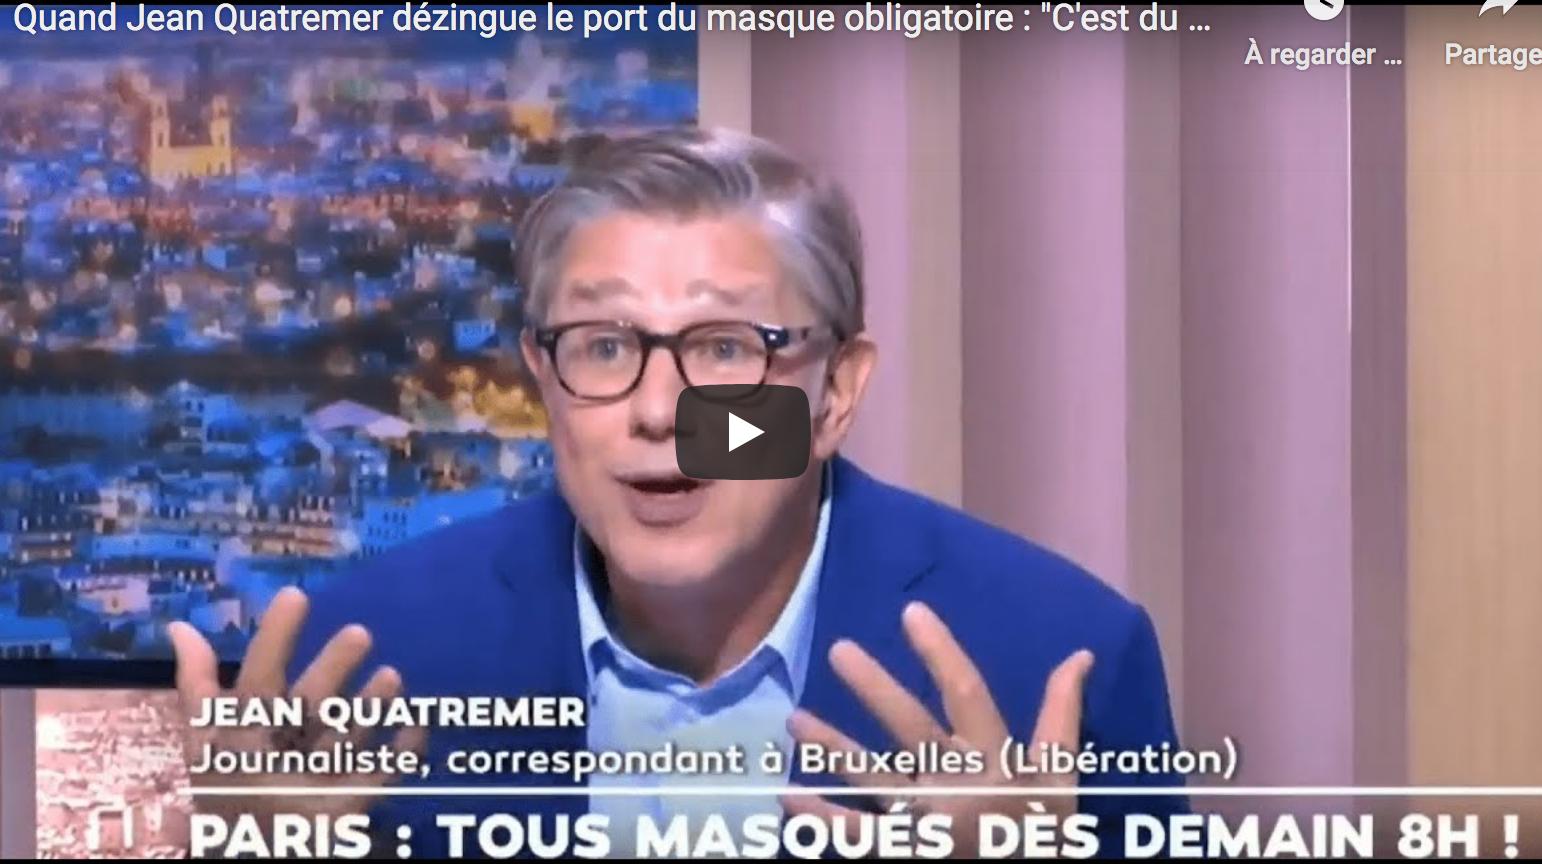 Jean Quatremer attire courageusement notre attention sur la Suède et de nombreux États républicains aux USA : en France, « au bout de trois confinements, on s'aperçoit qu'on a toujours pas maîtrisé la diffusion du virus (…) Il y a un moment où il faut peut-être en tirer des conclusions » (VIDÉO)